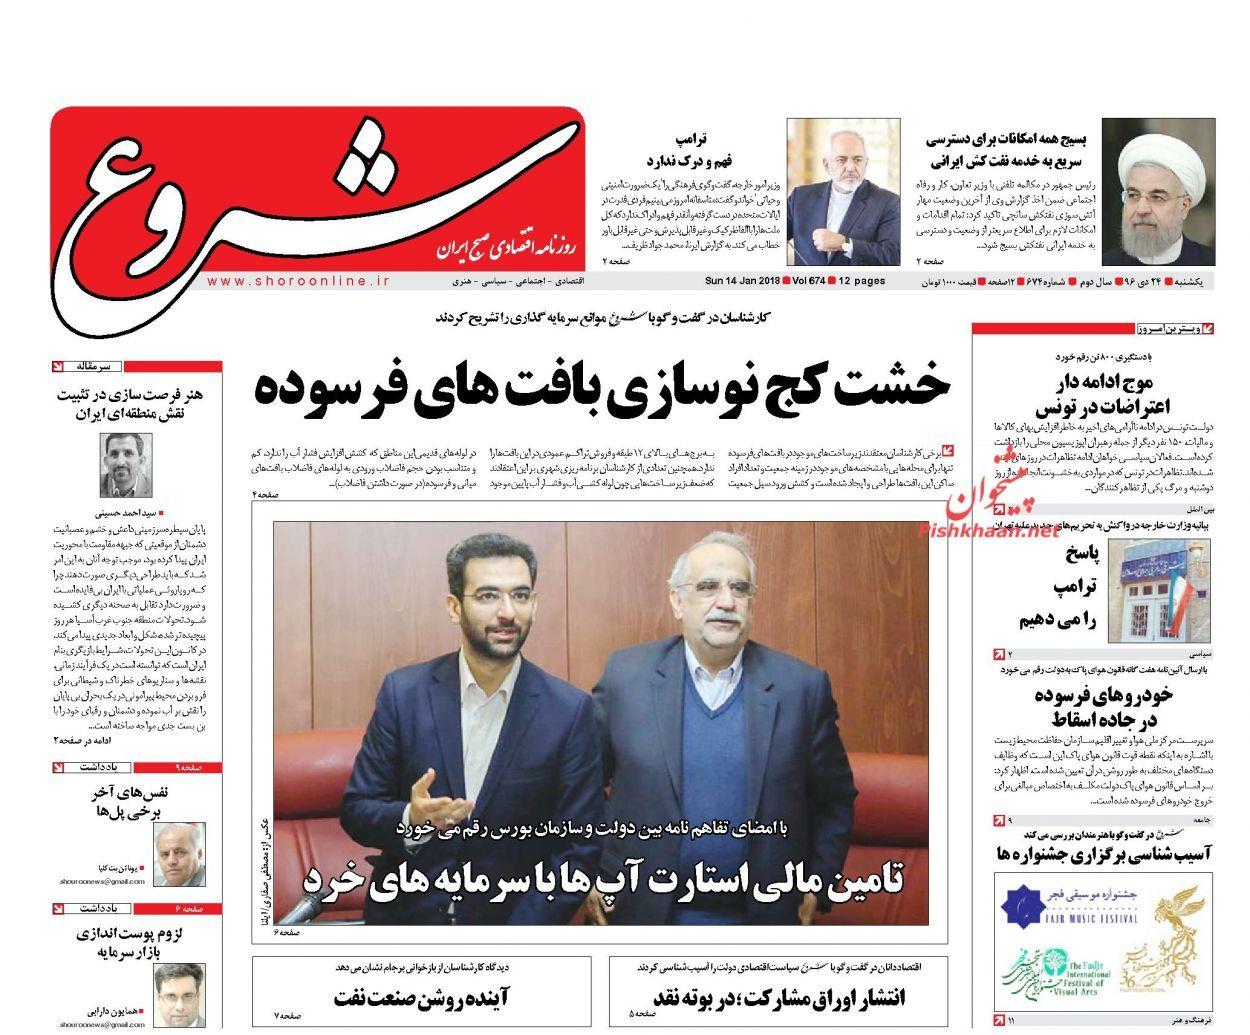 روزنامههای اقتصادی یکشنبه ۲۴ دیماه ۹۶